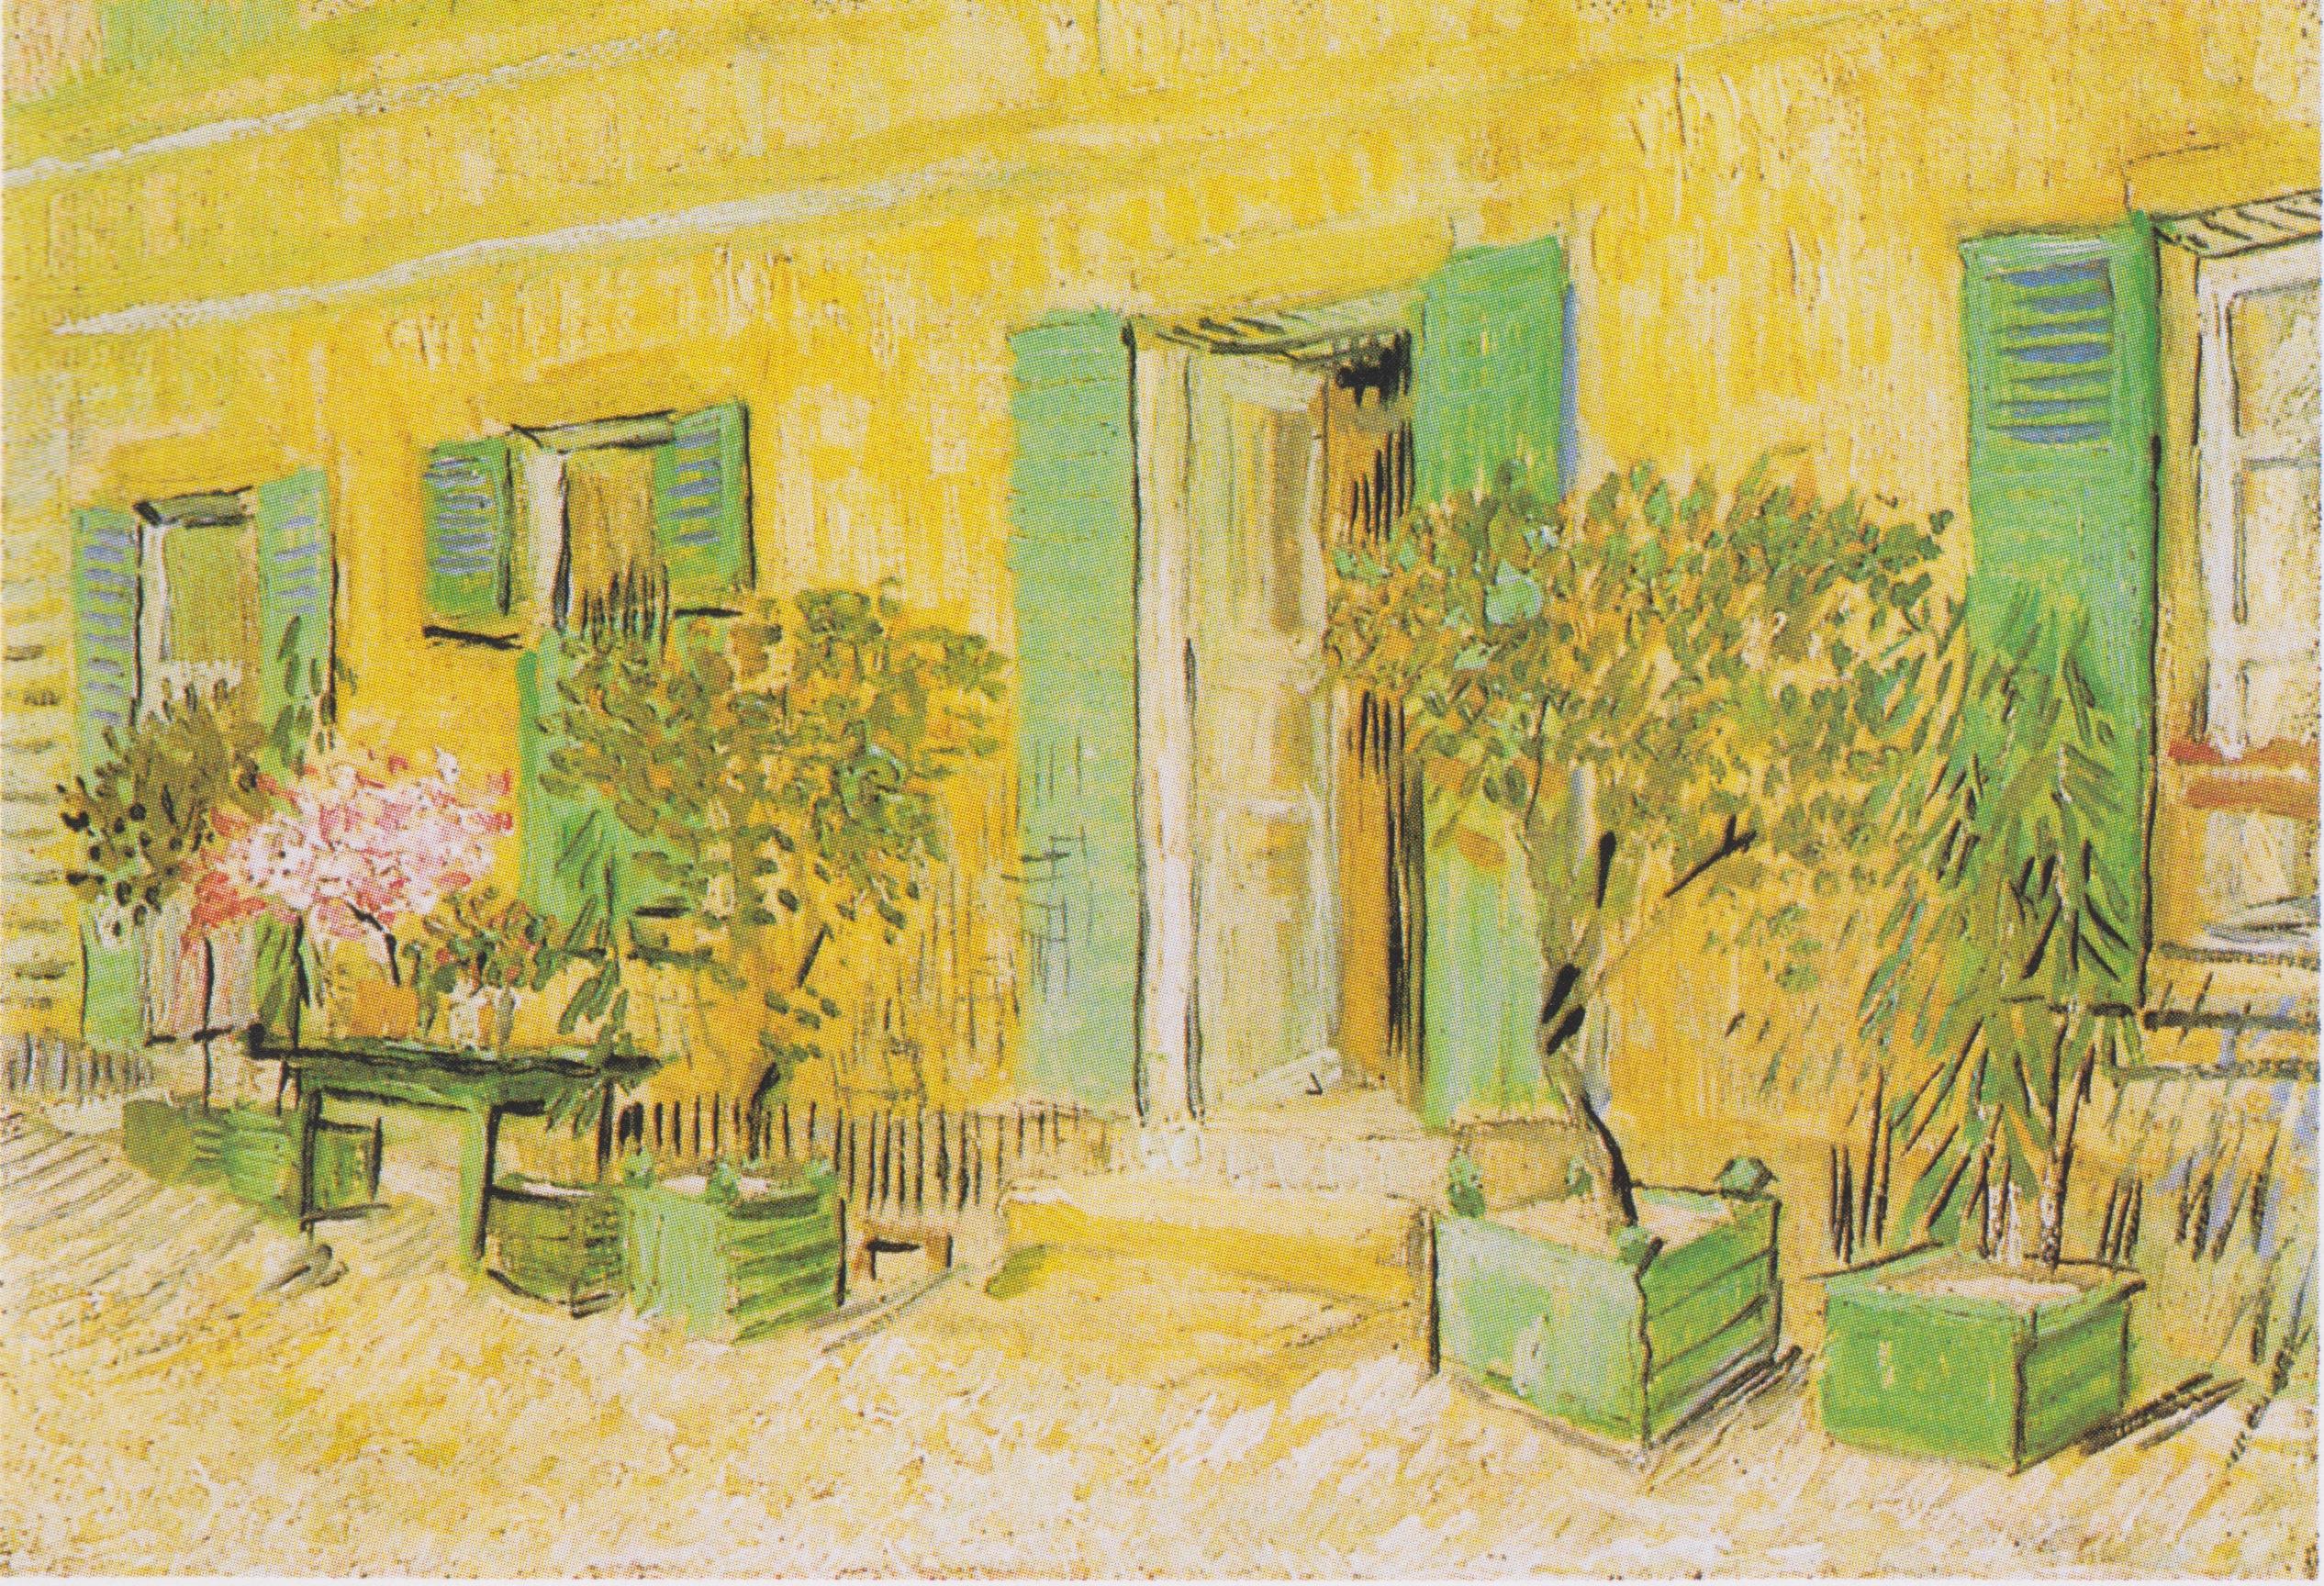 salomon course a pied - Asni��res-sur-Seine - Wikipedia, the free encyclopedia